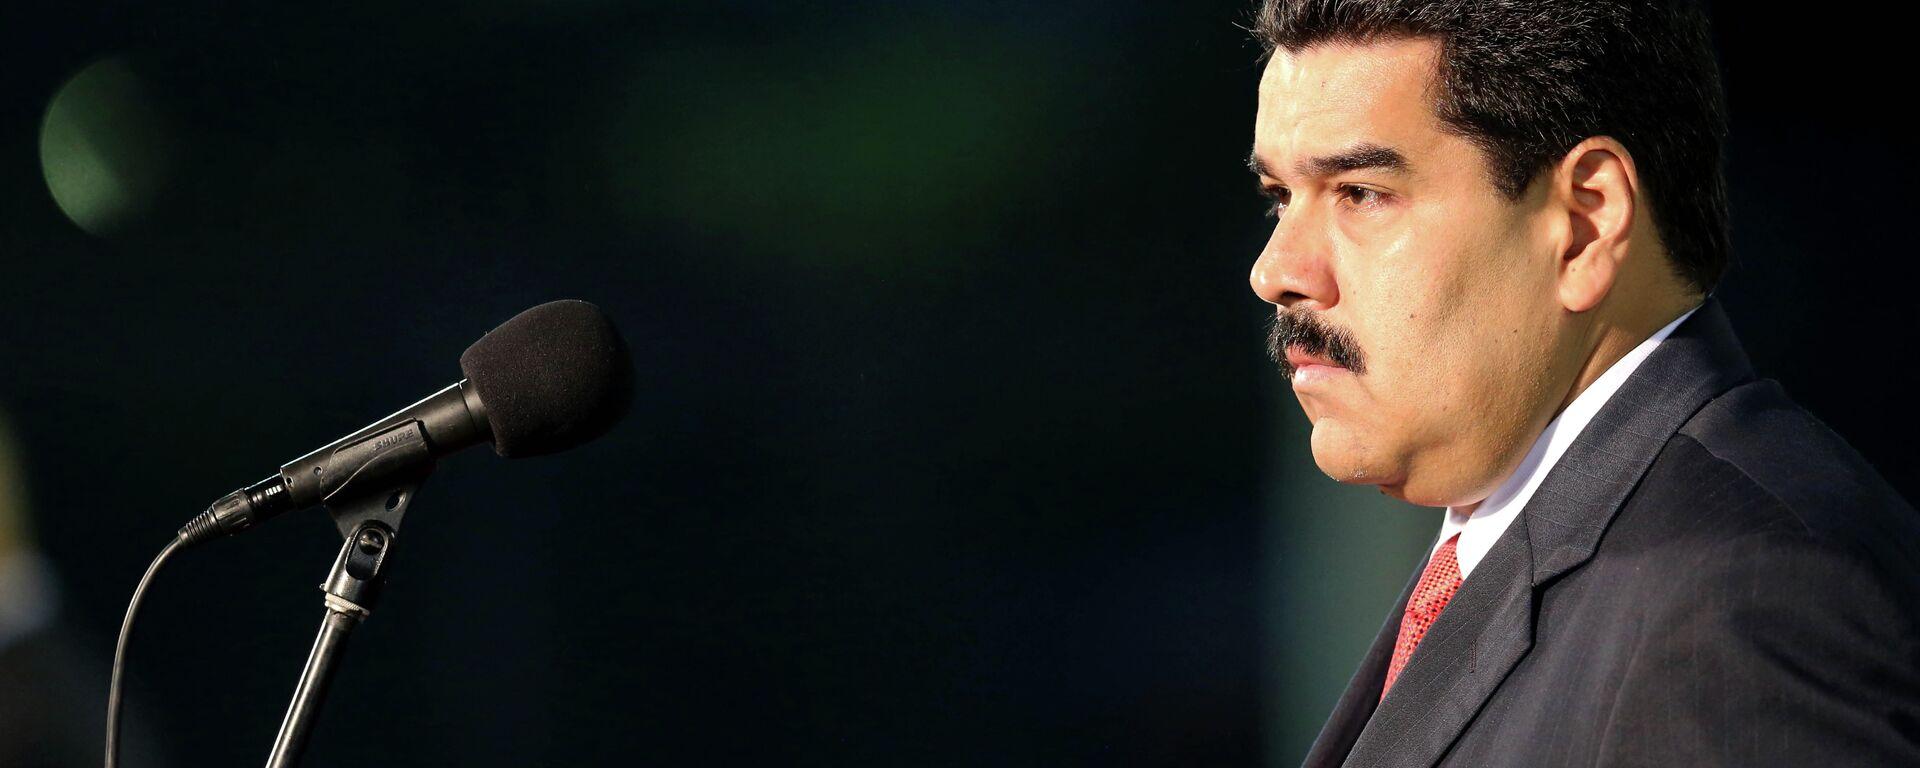 Nicolás Maduro, el presidente de Venezuela - Sputnik Mundo, 1920, 17.02.2021